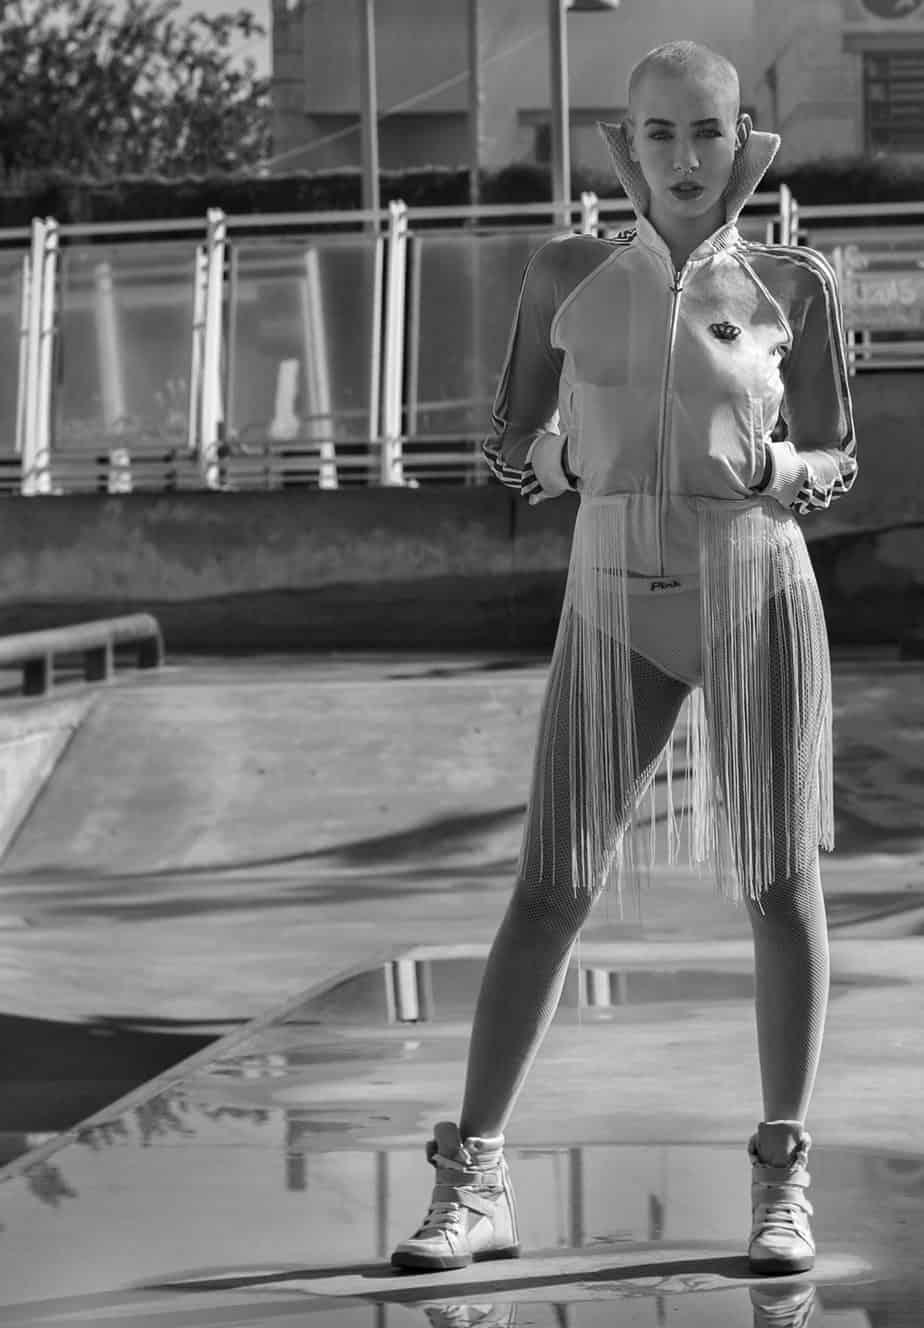 ג'קט פרנזים: מעצבת ortis גרביון: ברוריה, נעליים: אוסף פרטי, דוגמנית: דנה ארבוס (Danna Arbus), צילום, סטיילינג וטקסט: שרון סטאר, איפור: ליהי ציון, אופנה: אורטל כהן - 9